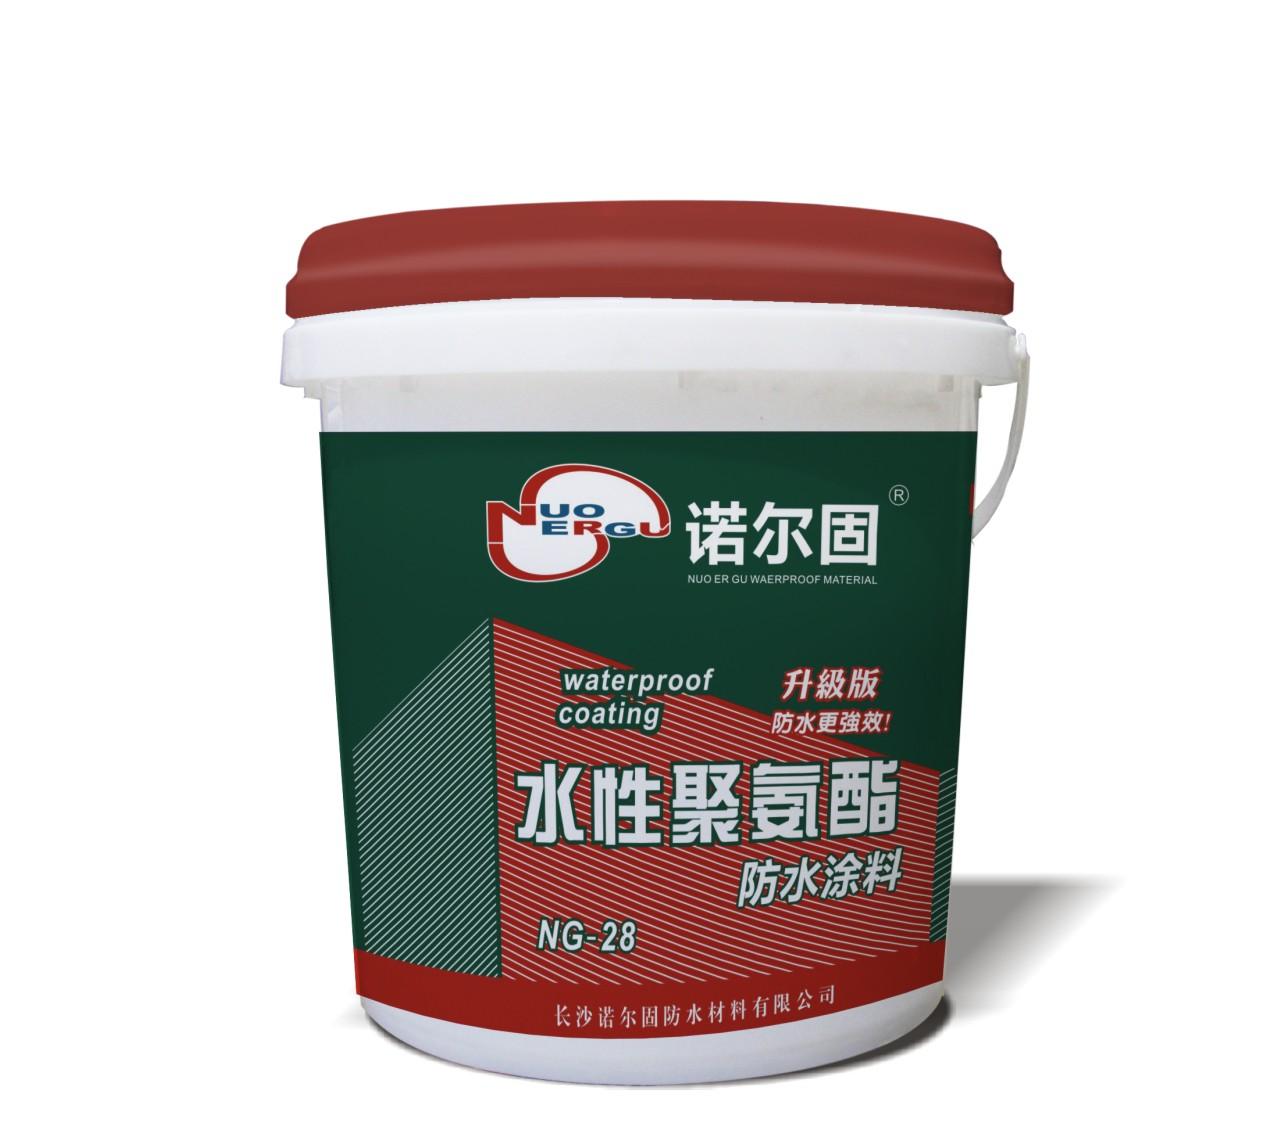 供应-水性聚氨酯防水涂料-全球涂料网-最大涂料网络